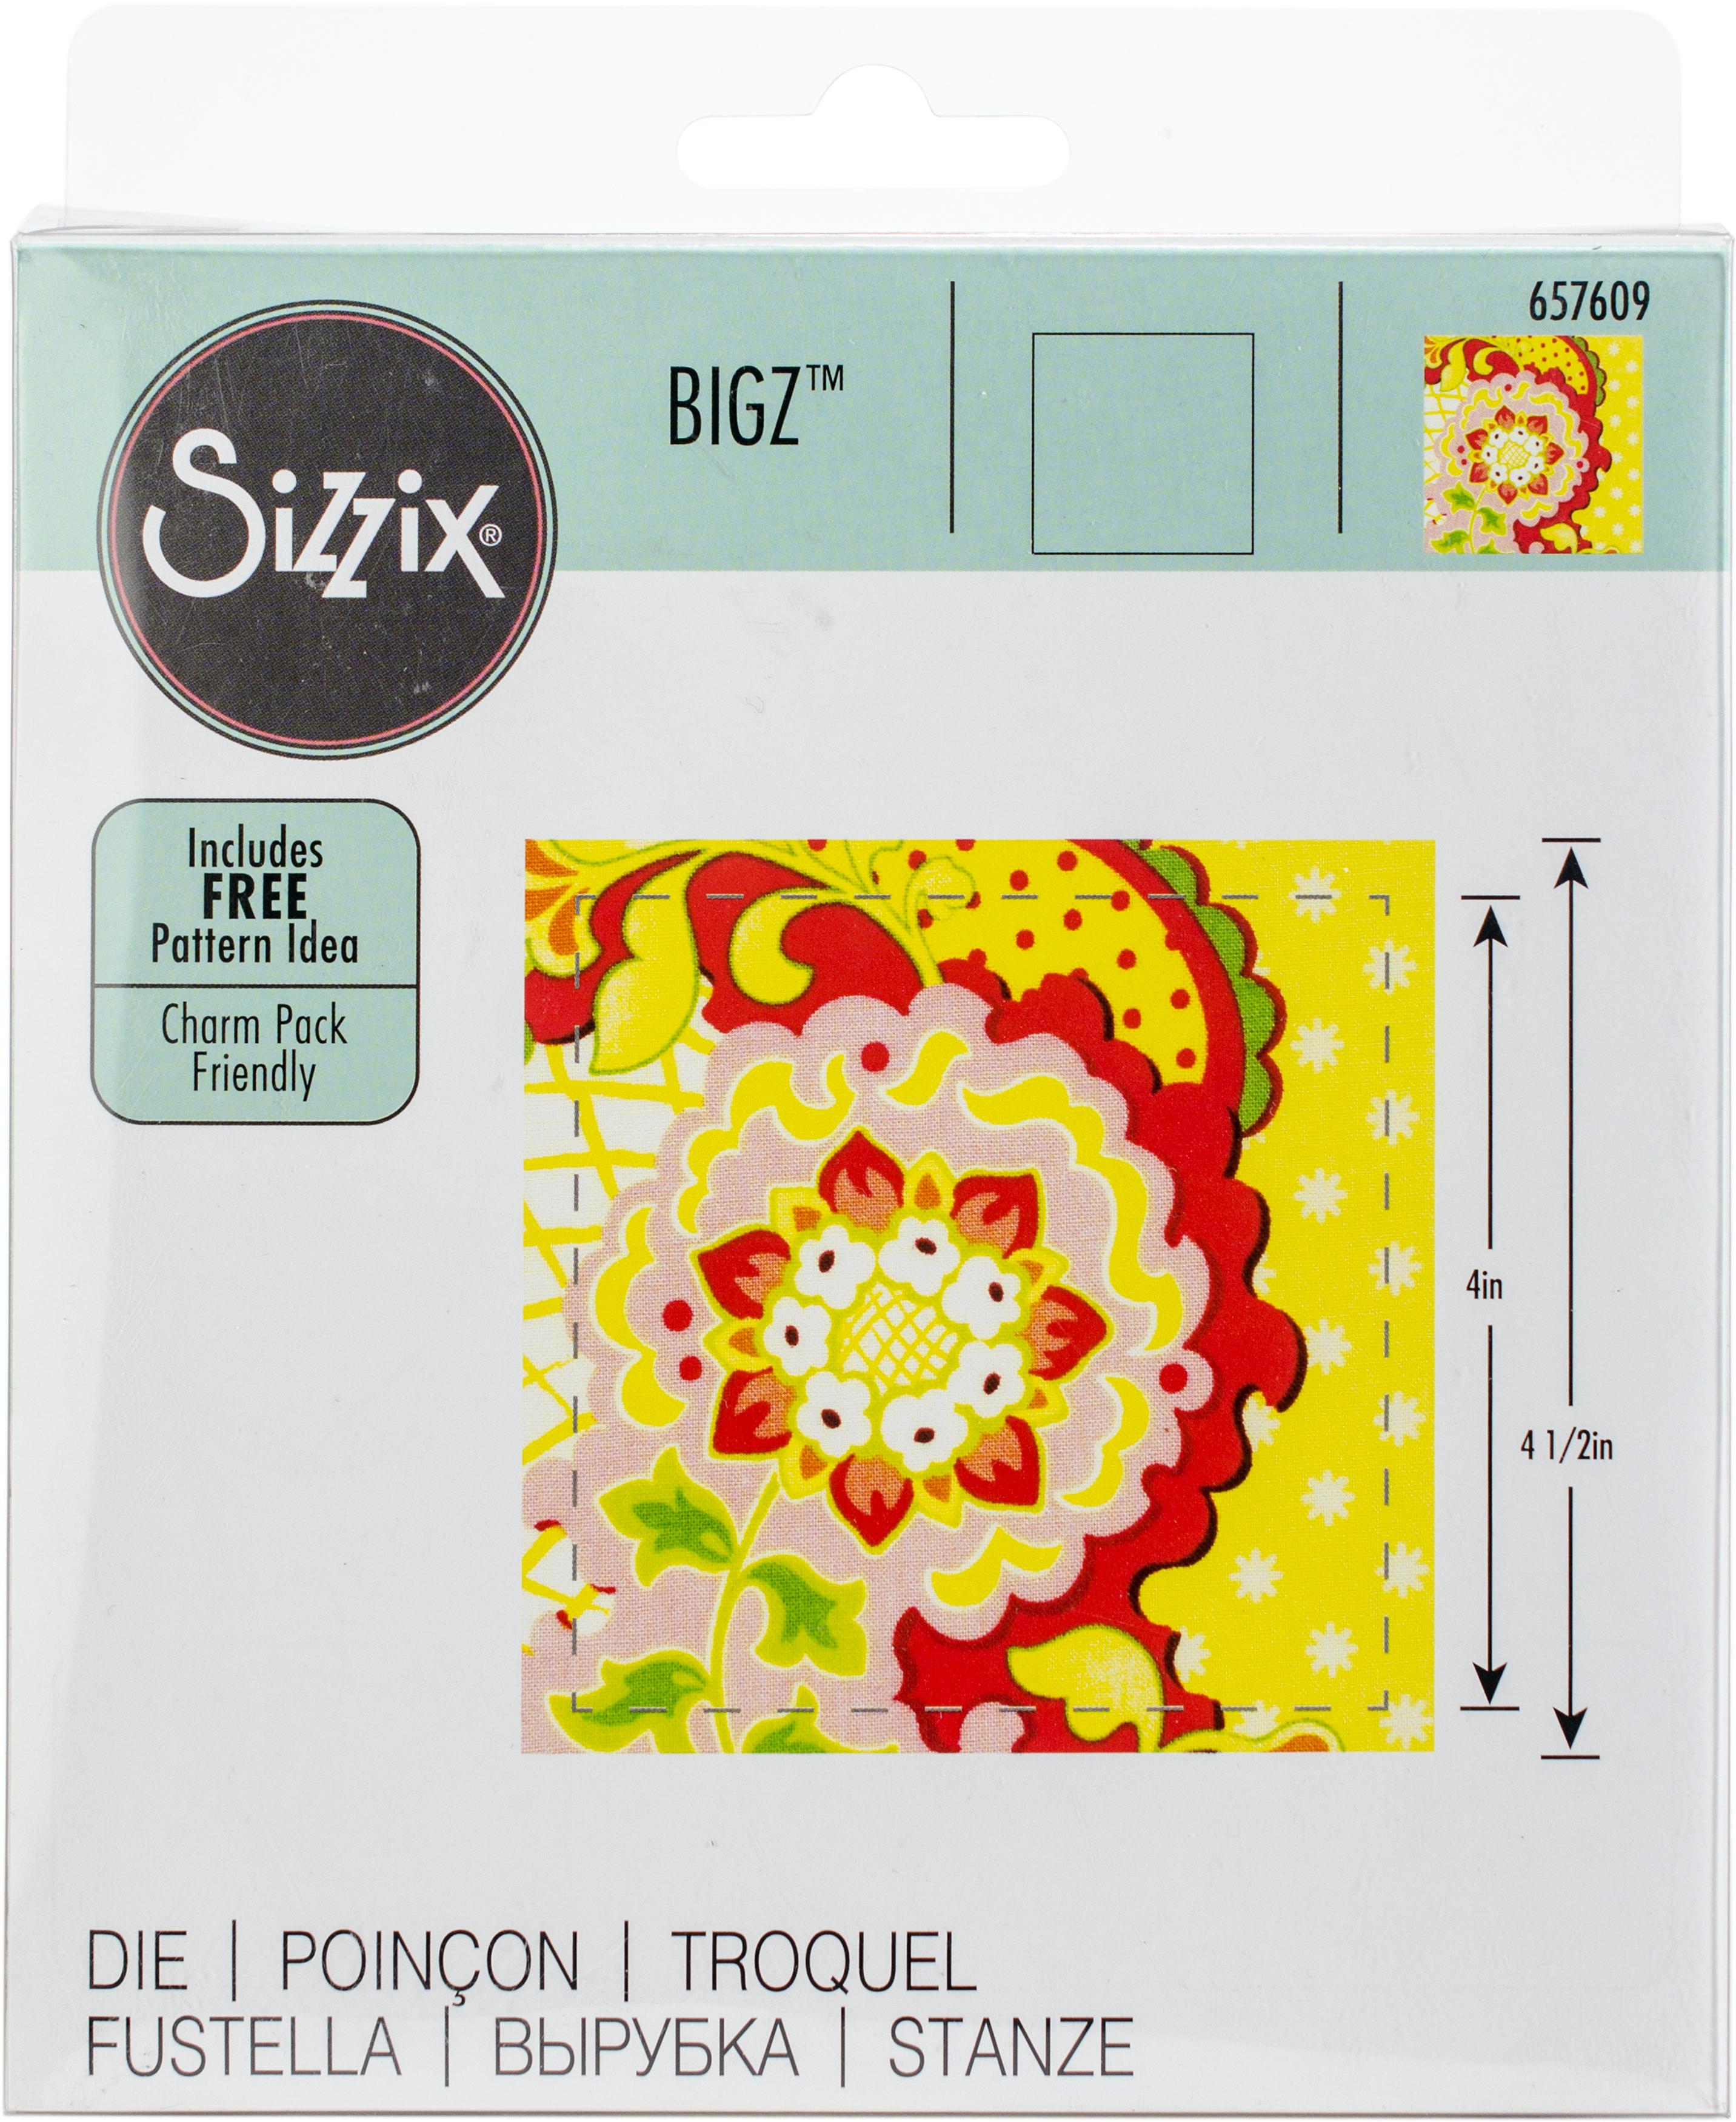 Sizzix 4 Square Die